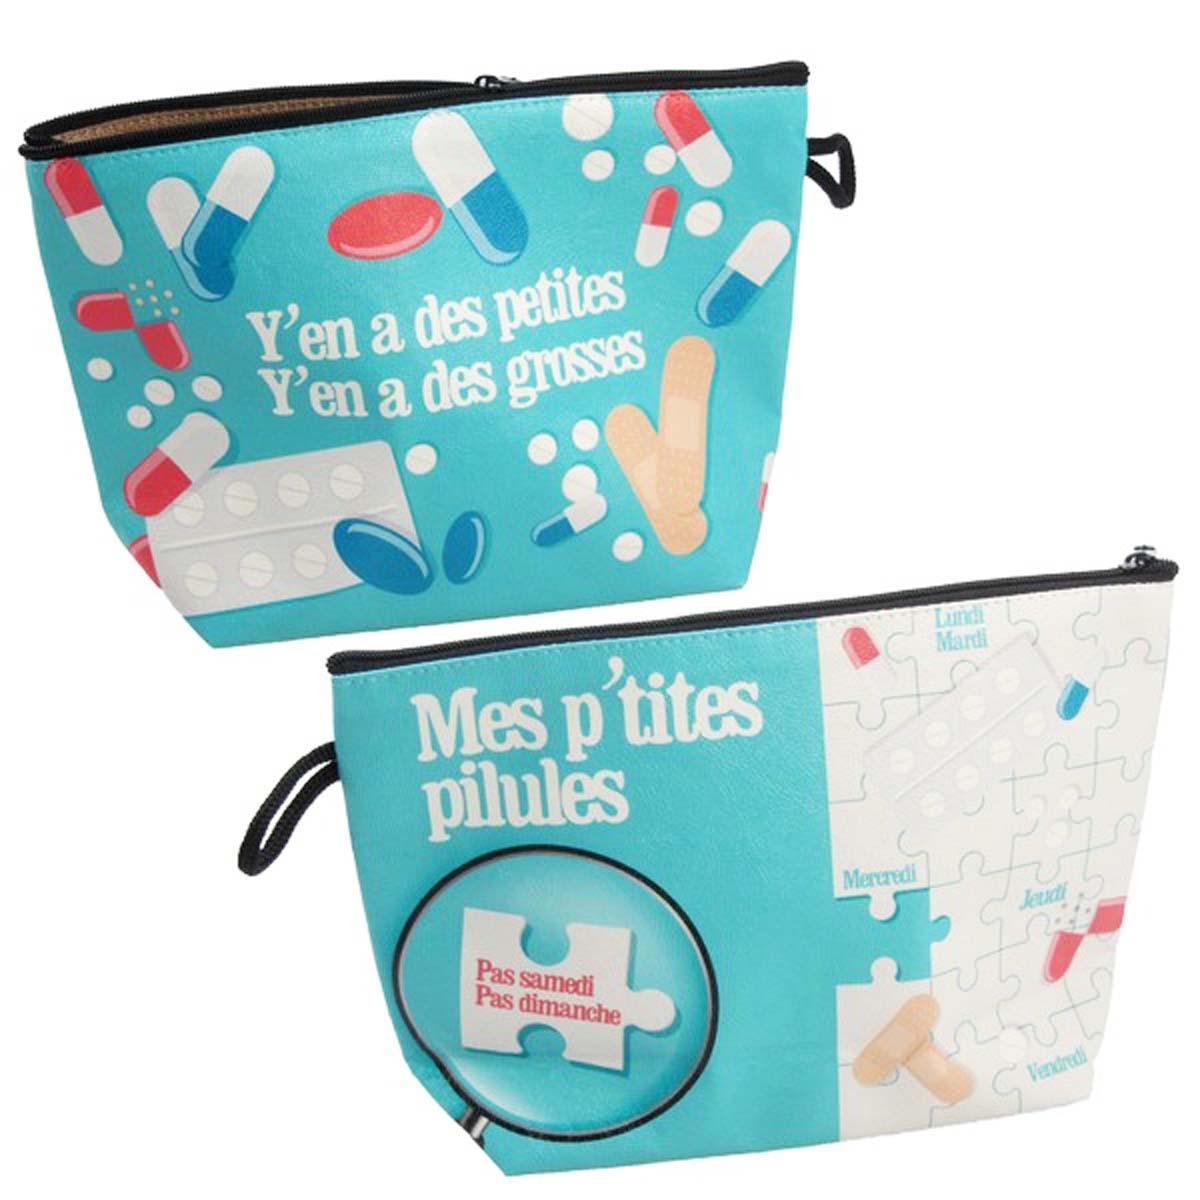 Pochette médicaments \'Mes p\'tites pilules\' bleu - 22x145x7 cm - [A0482]